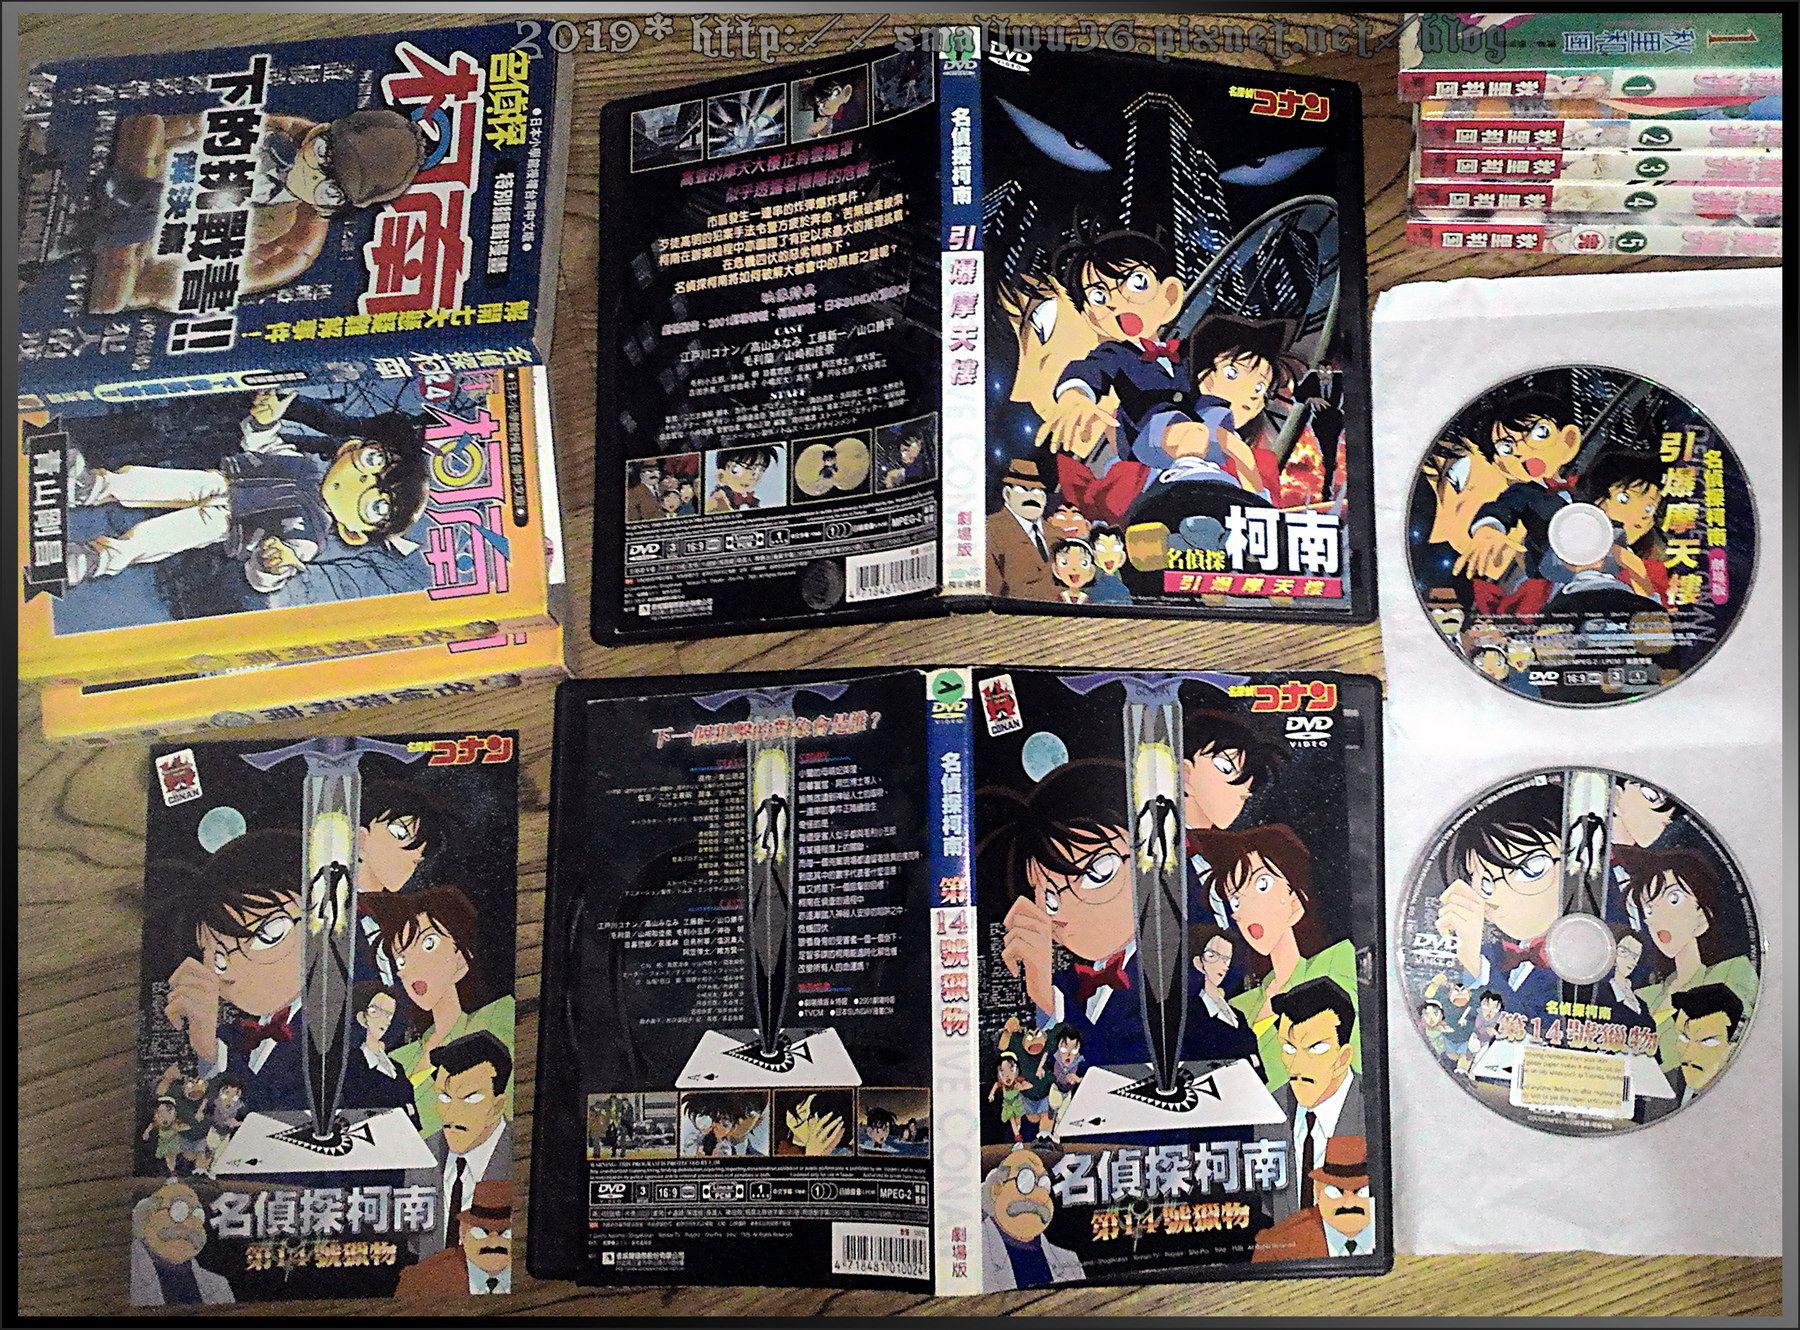 名偵探柯南 劇場版1~2<引爆摩天樓,第14號獵物>DVD.jpg